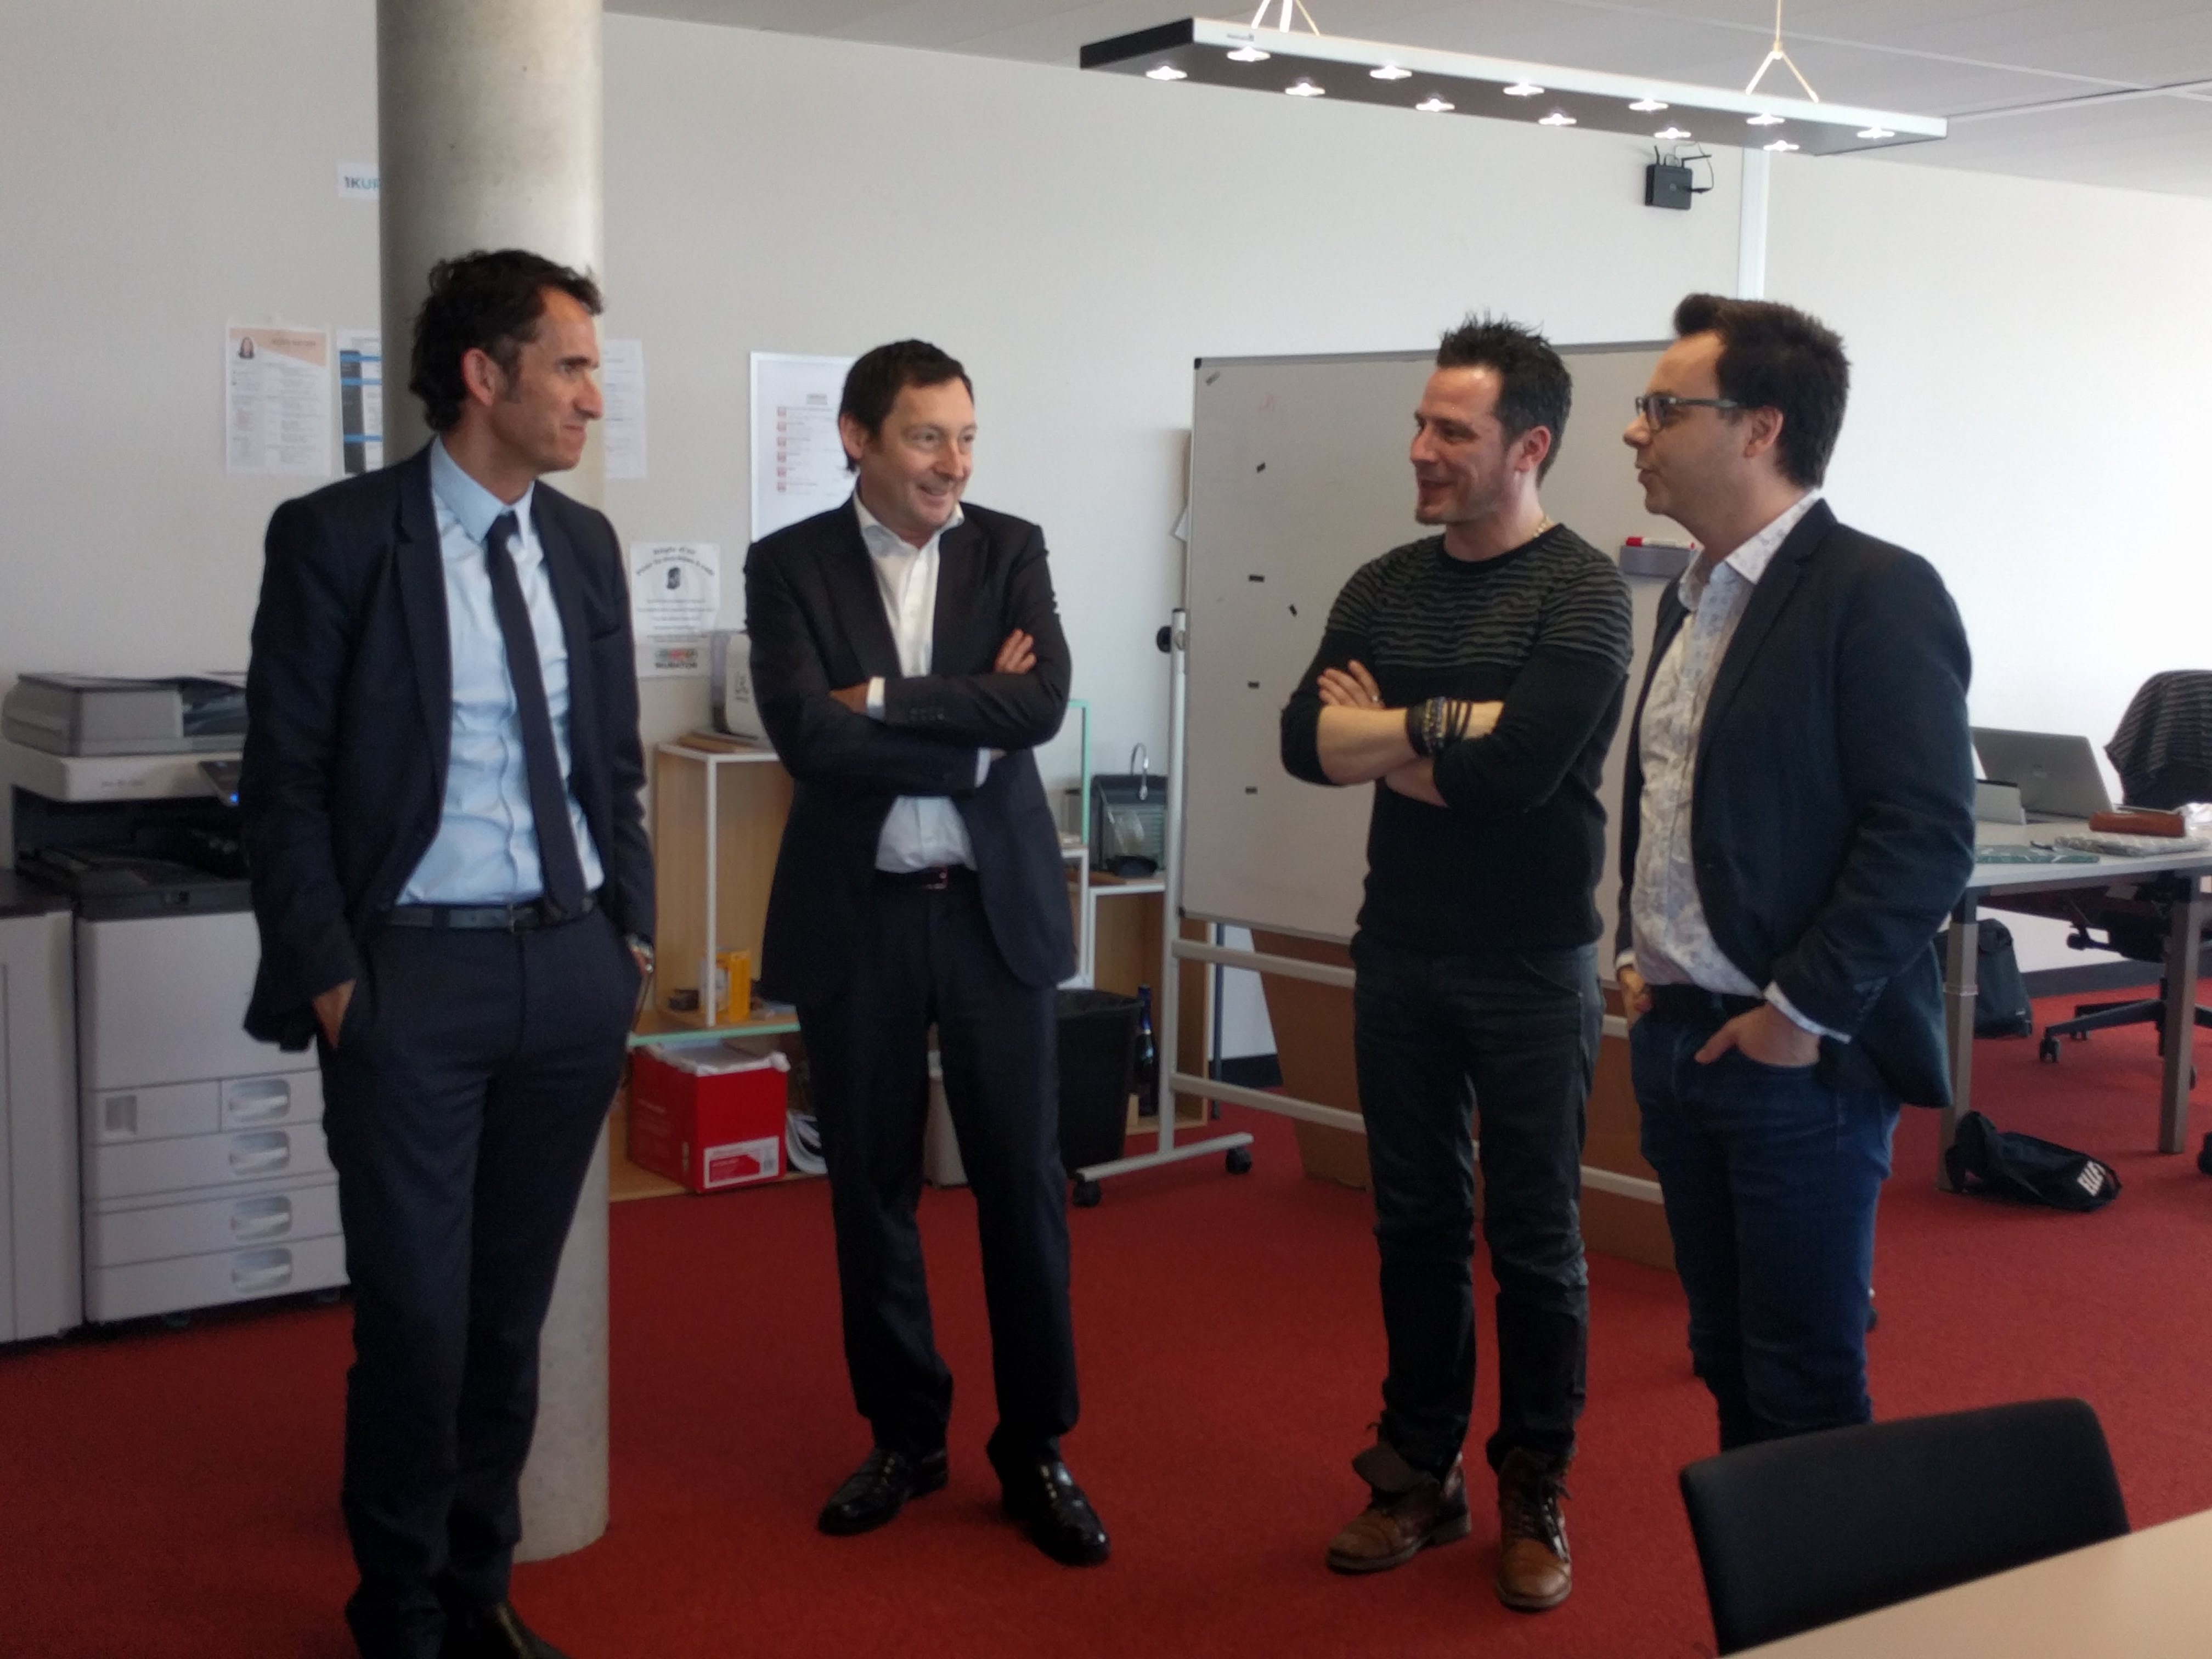 Mobibot startup Théophraste